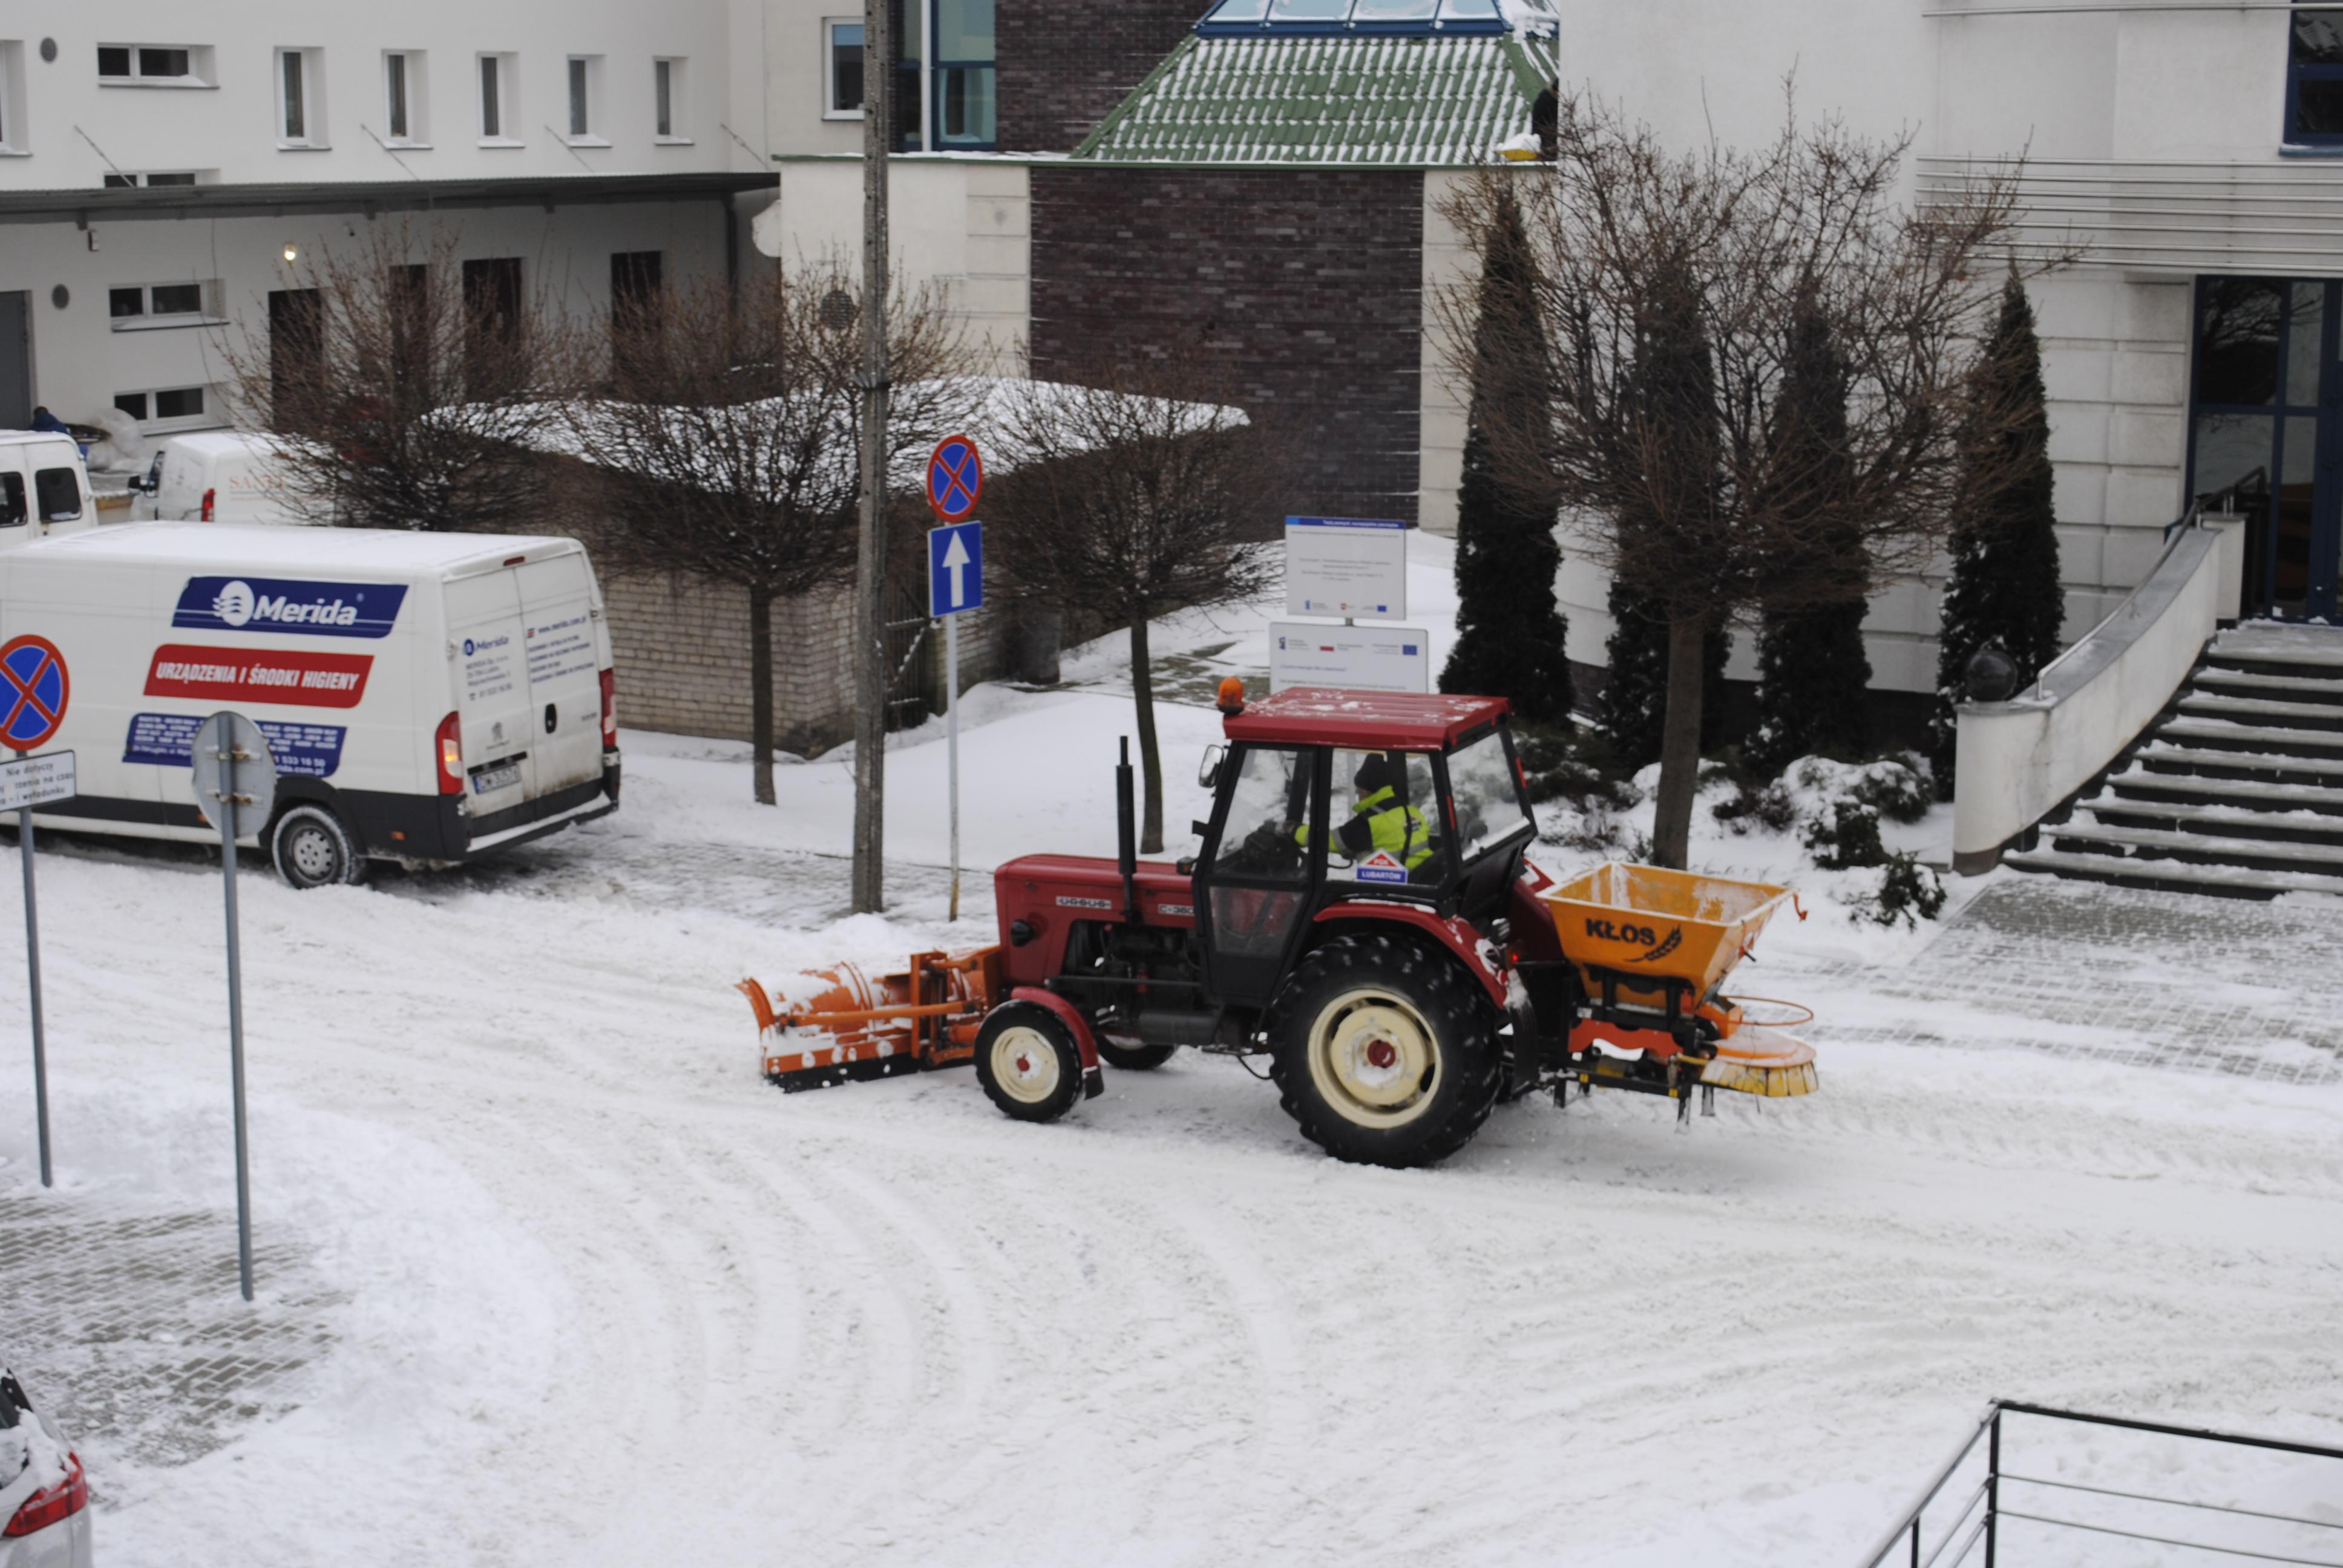 Lubartów po śnieżycy: pługi śnieżne i łopaty poszły w ruch - Zdjęcie główne